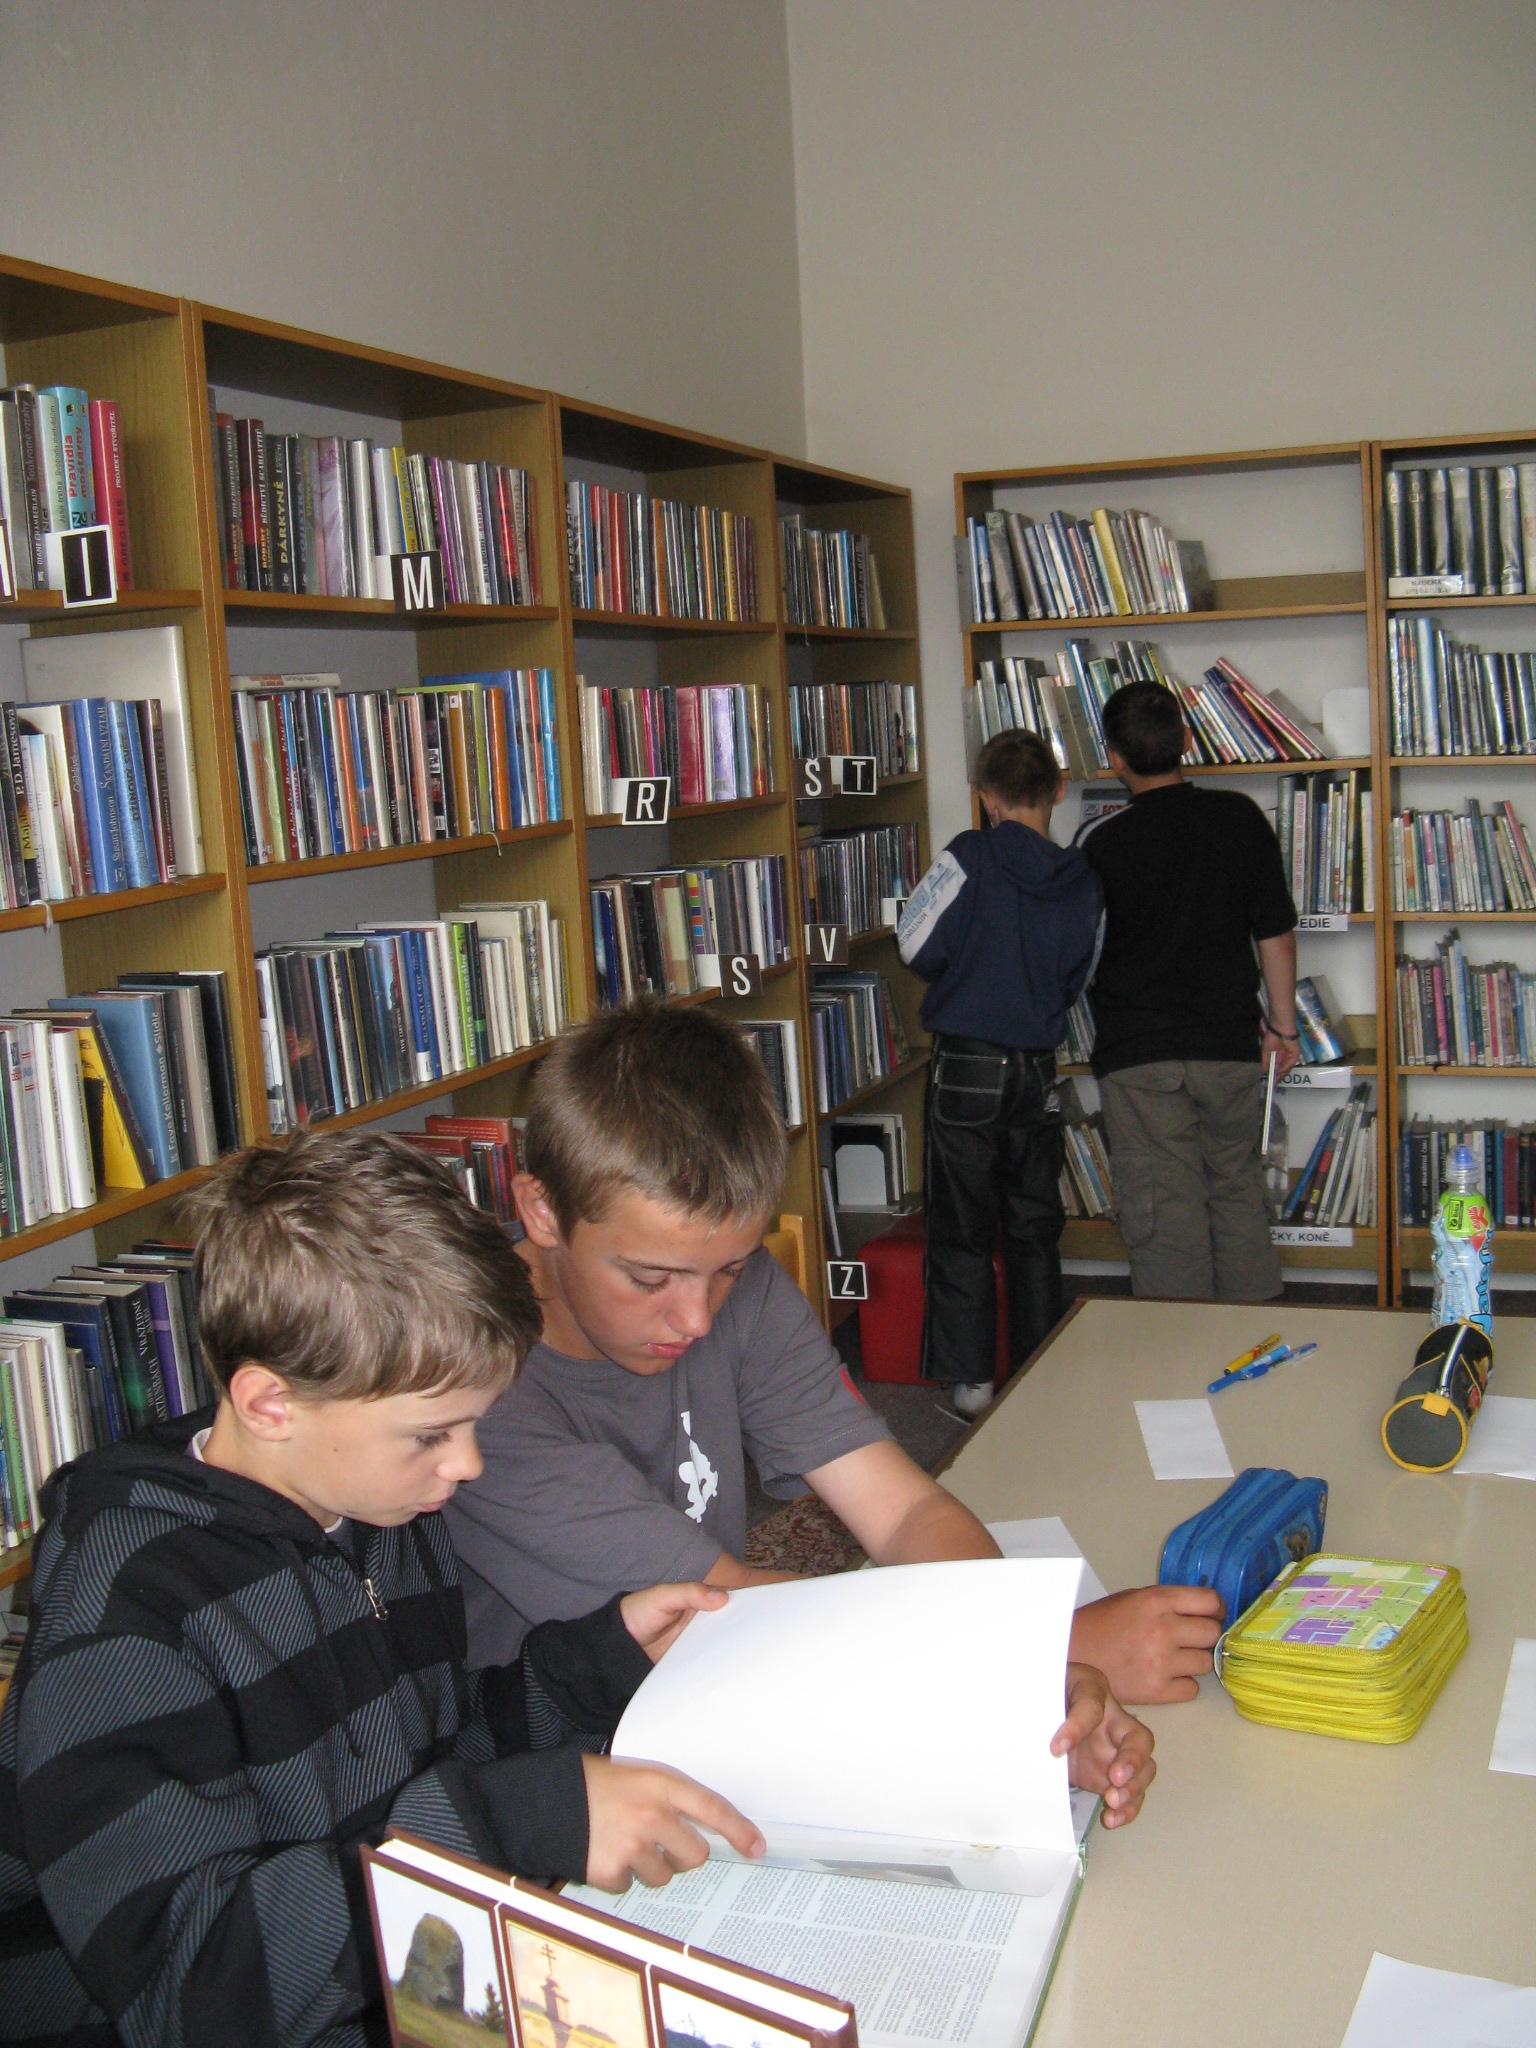 knihovna 002.jpg